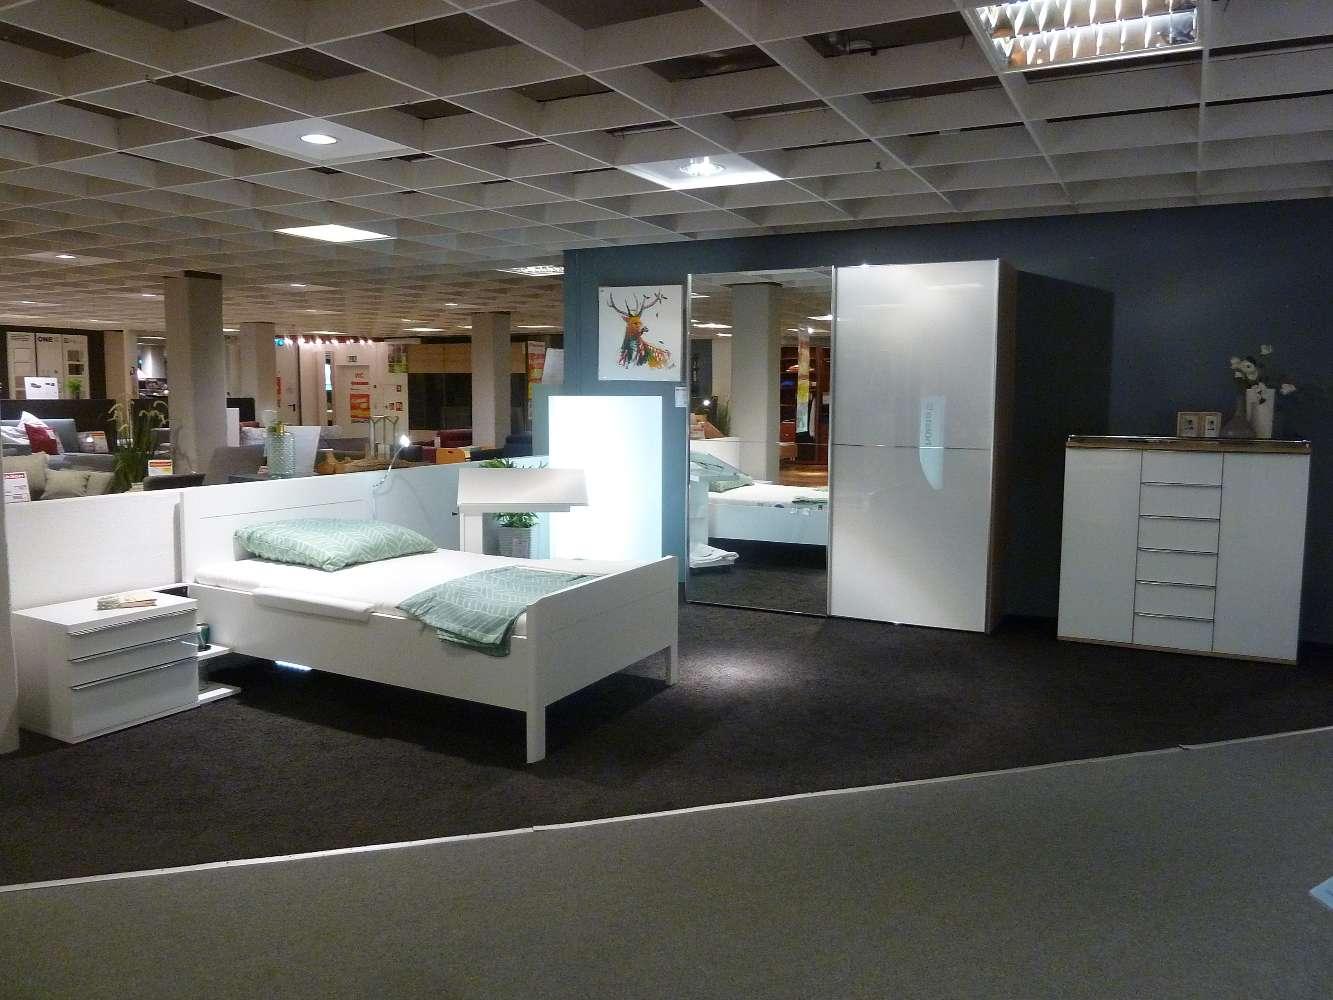 Schlafzimmer in weiß / Sonoma Eiche Nachbildung inkl. Schrank, Kommode und Bett